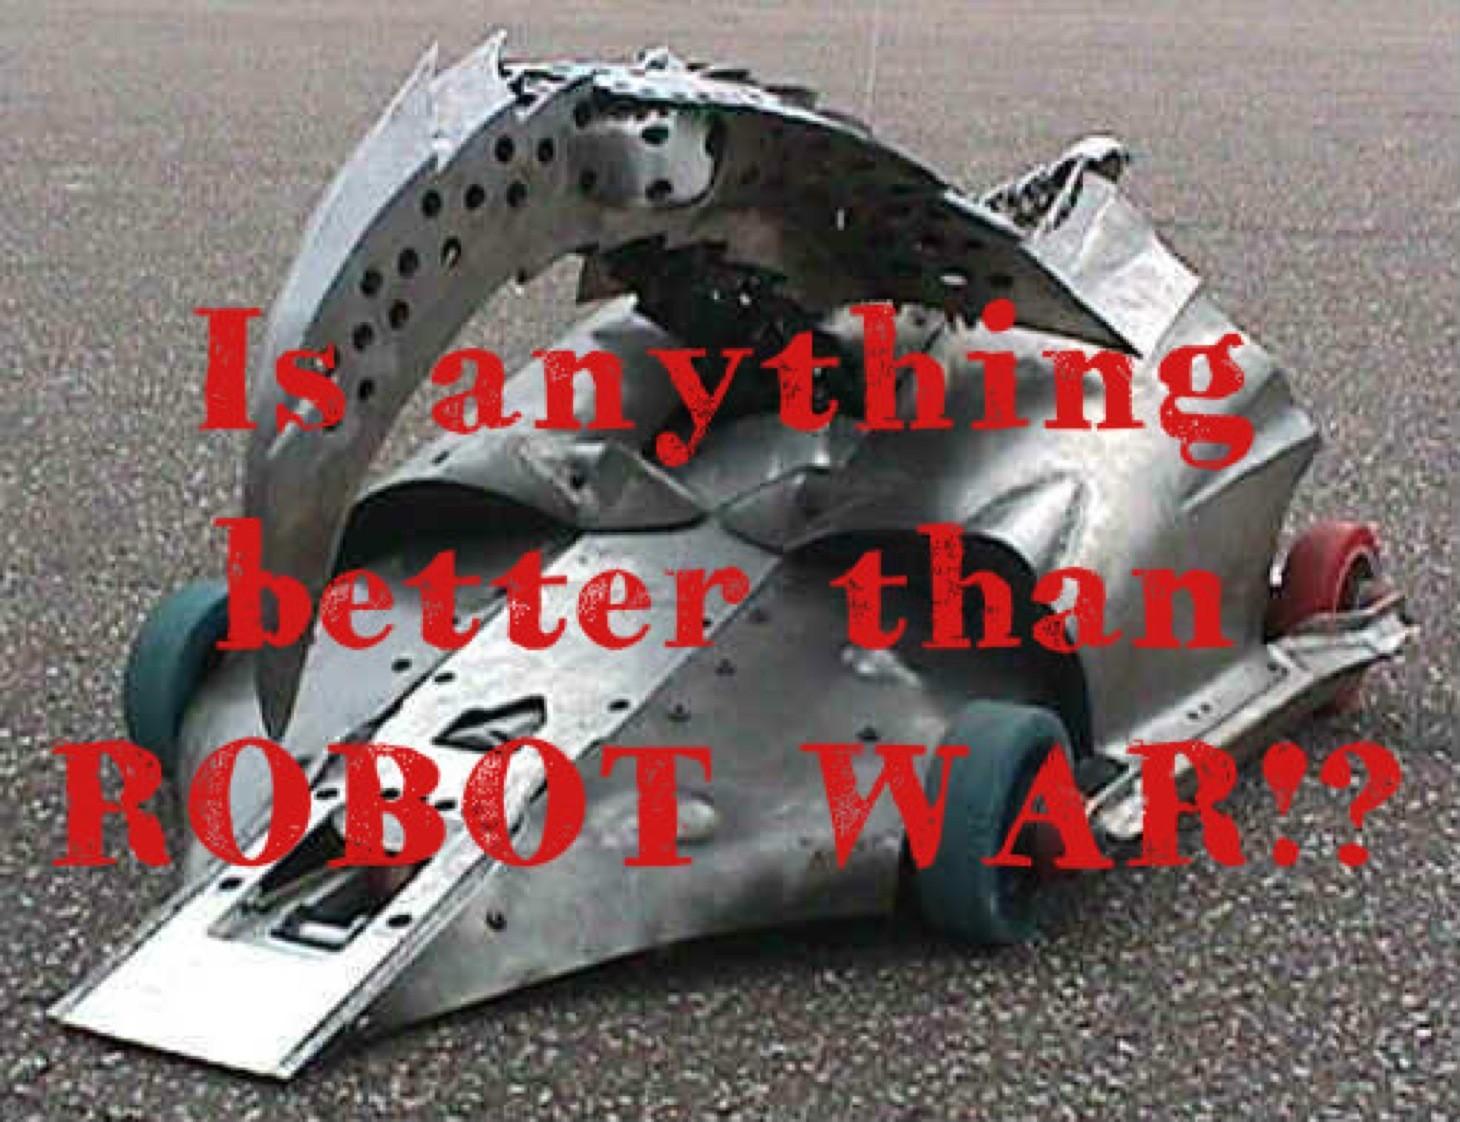 wpid-robot-war.jpg